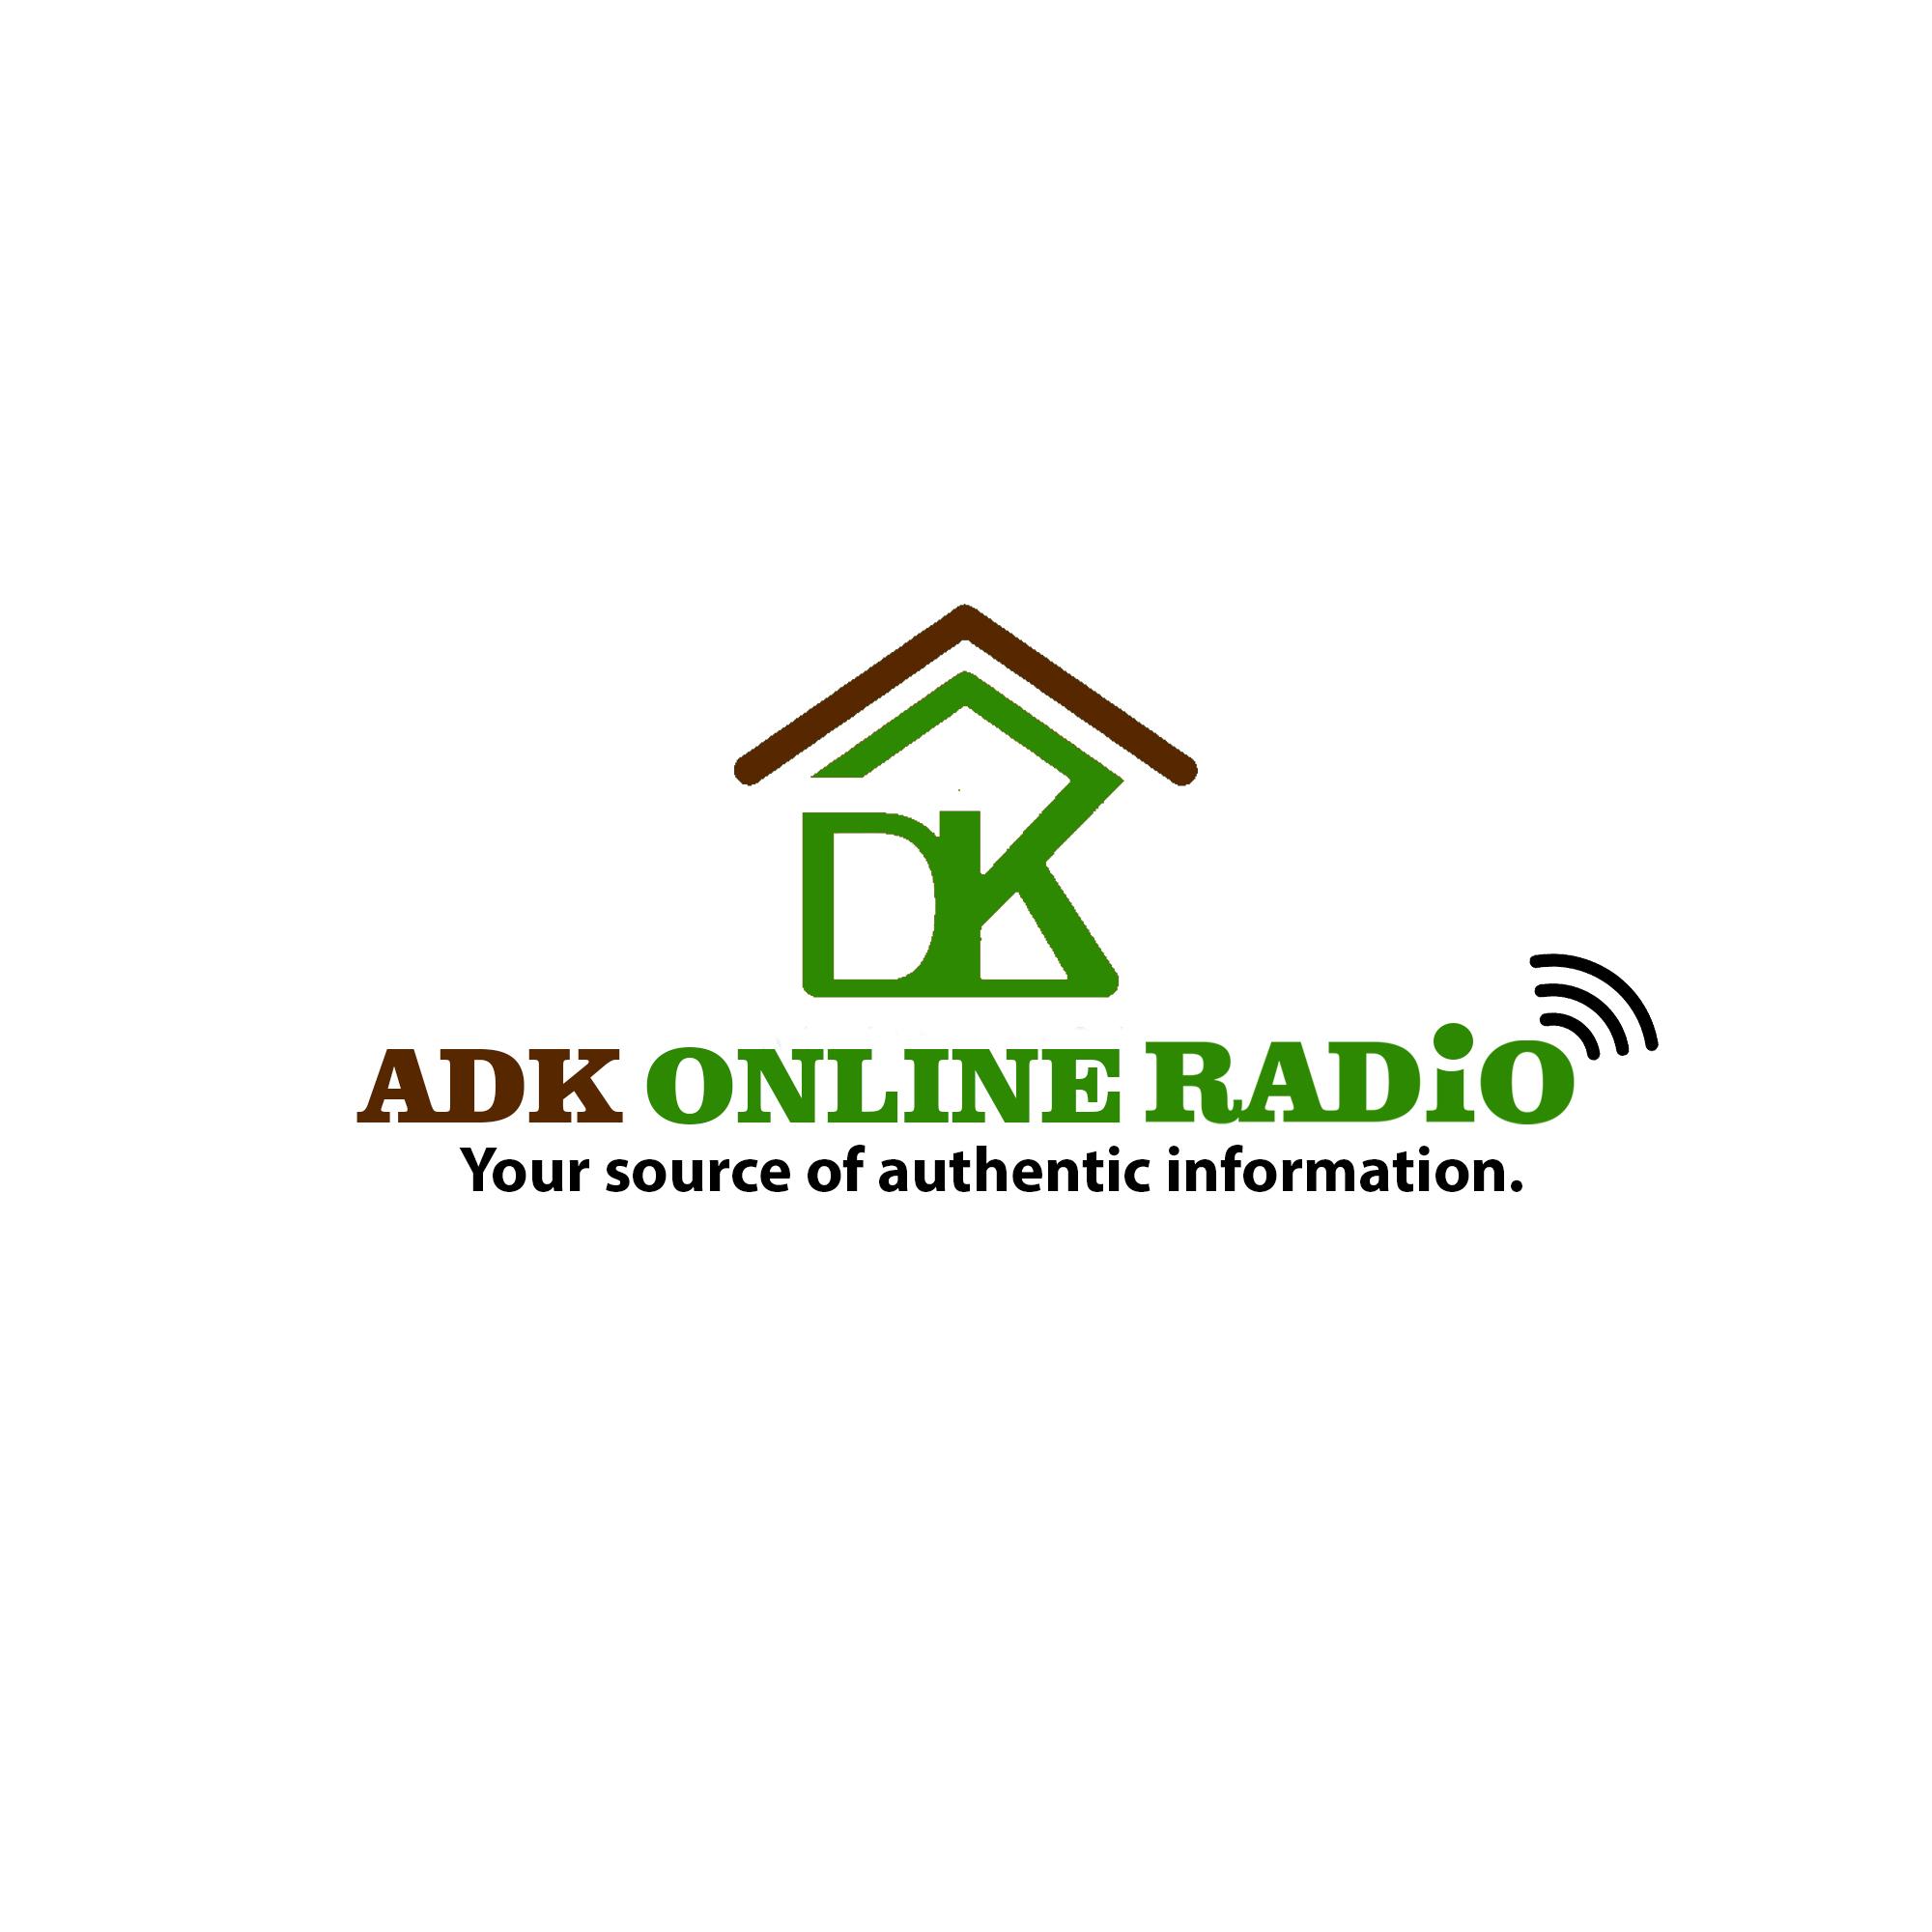 ADK ONLINE RADIO